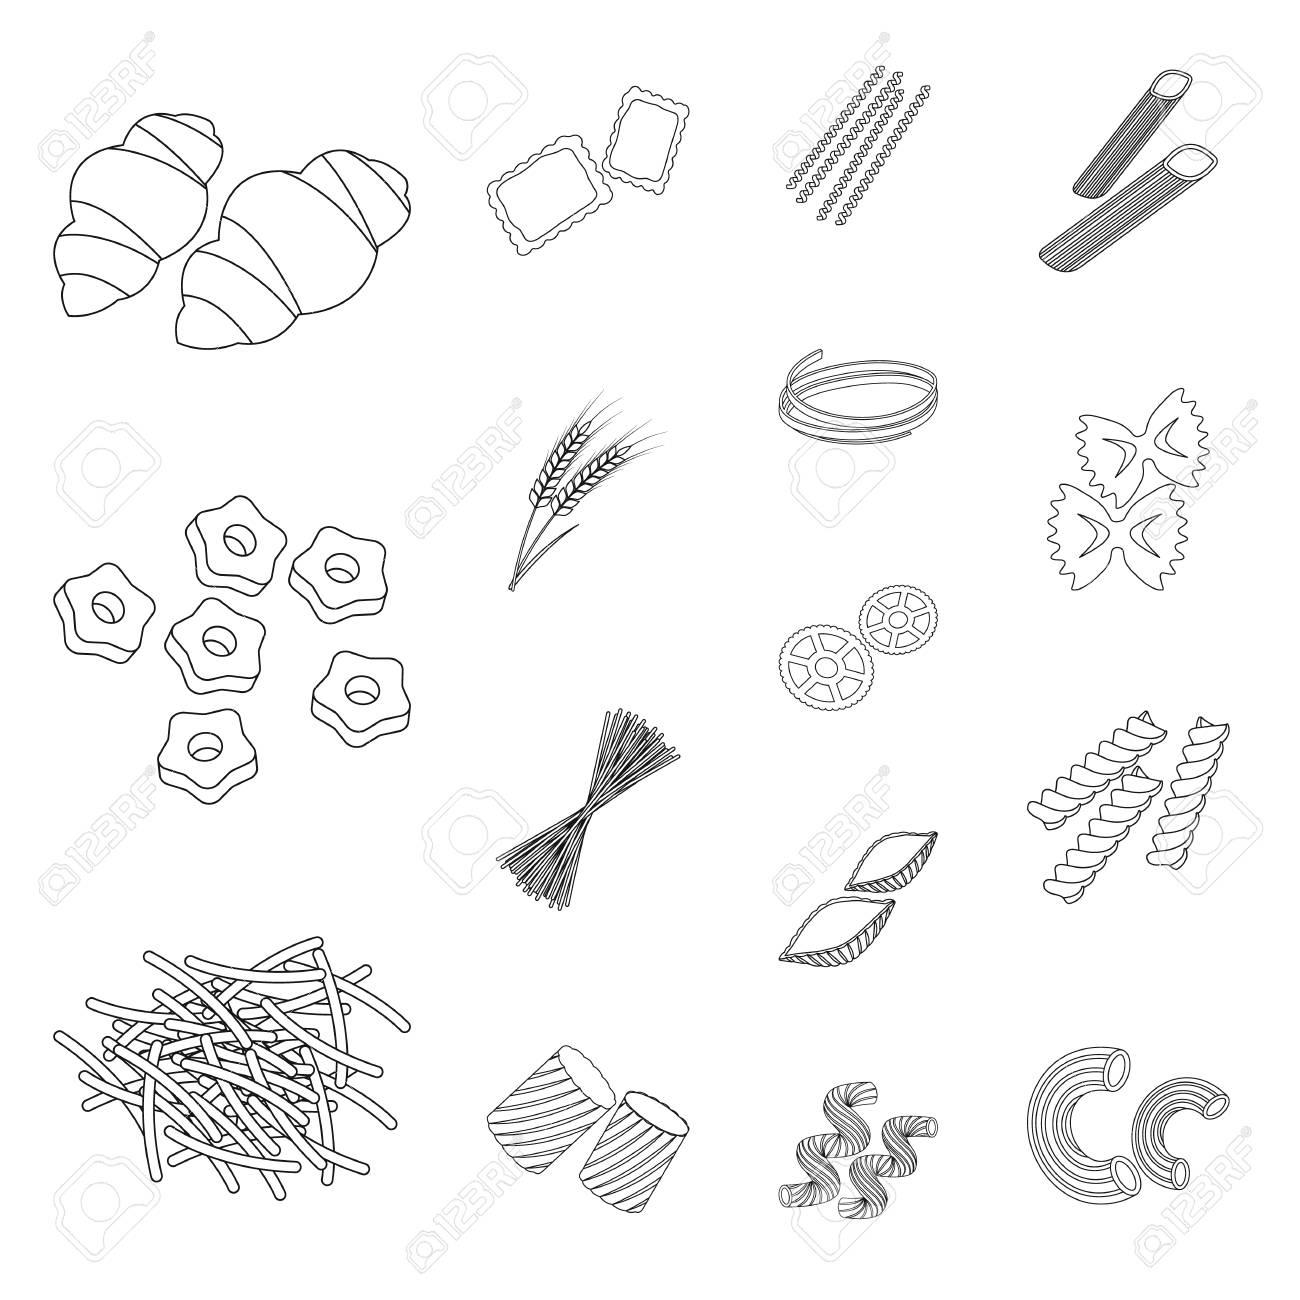 Types D'icônes De Pâtes Dans La Collection De Jeux Pour La Conception.  Macaroni Figuré Pour Manger Une Illustration De Stock Symbole Vecteur. intérieur Jeux Pour Manger